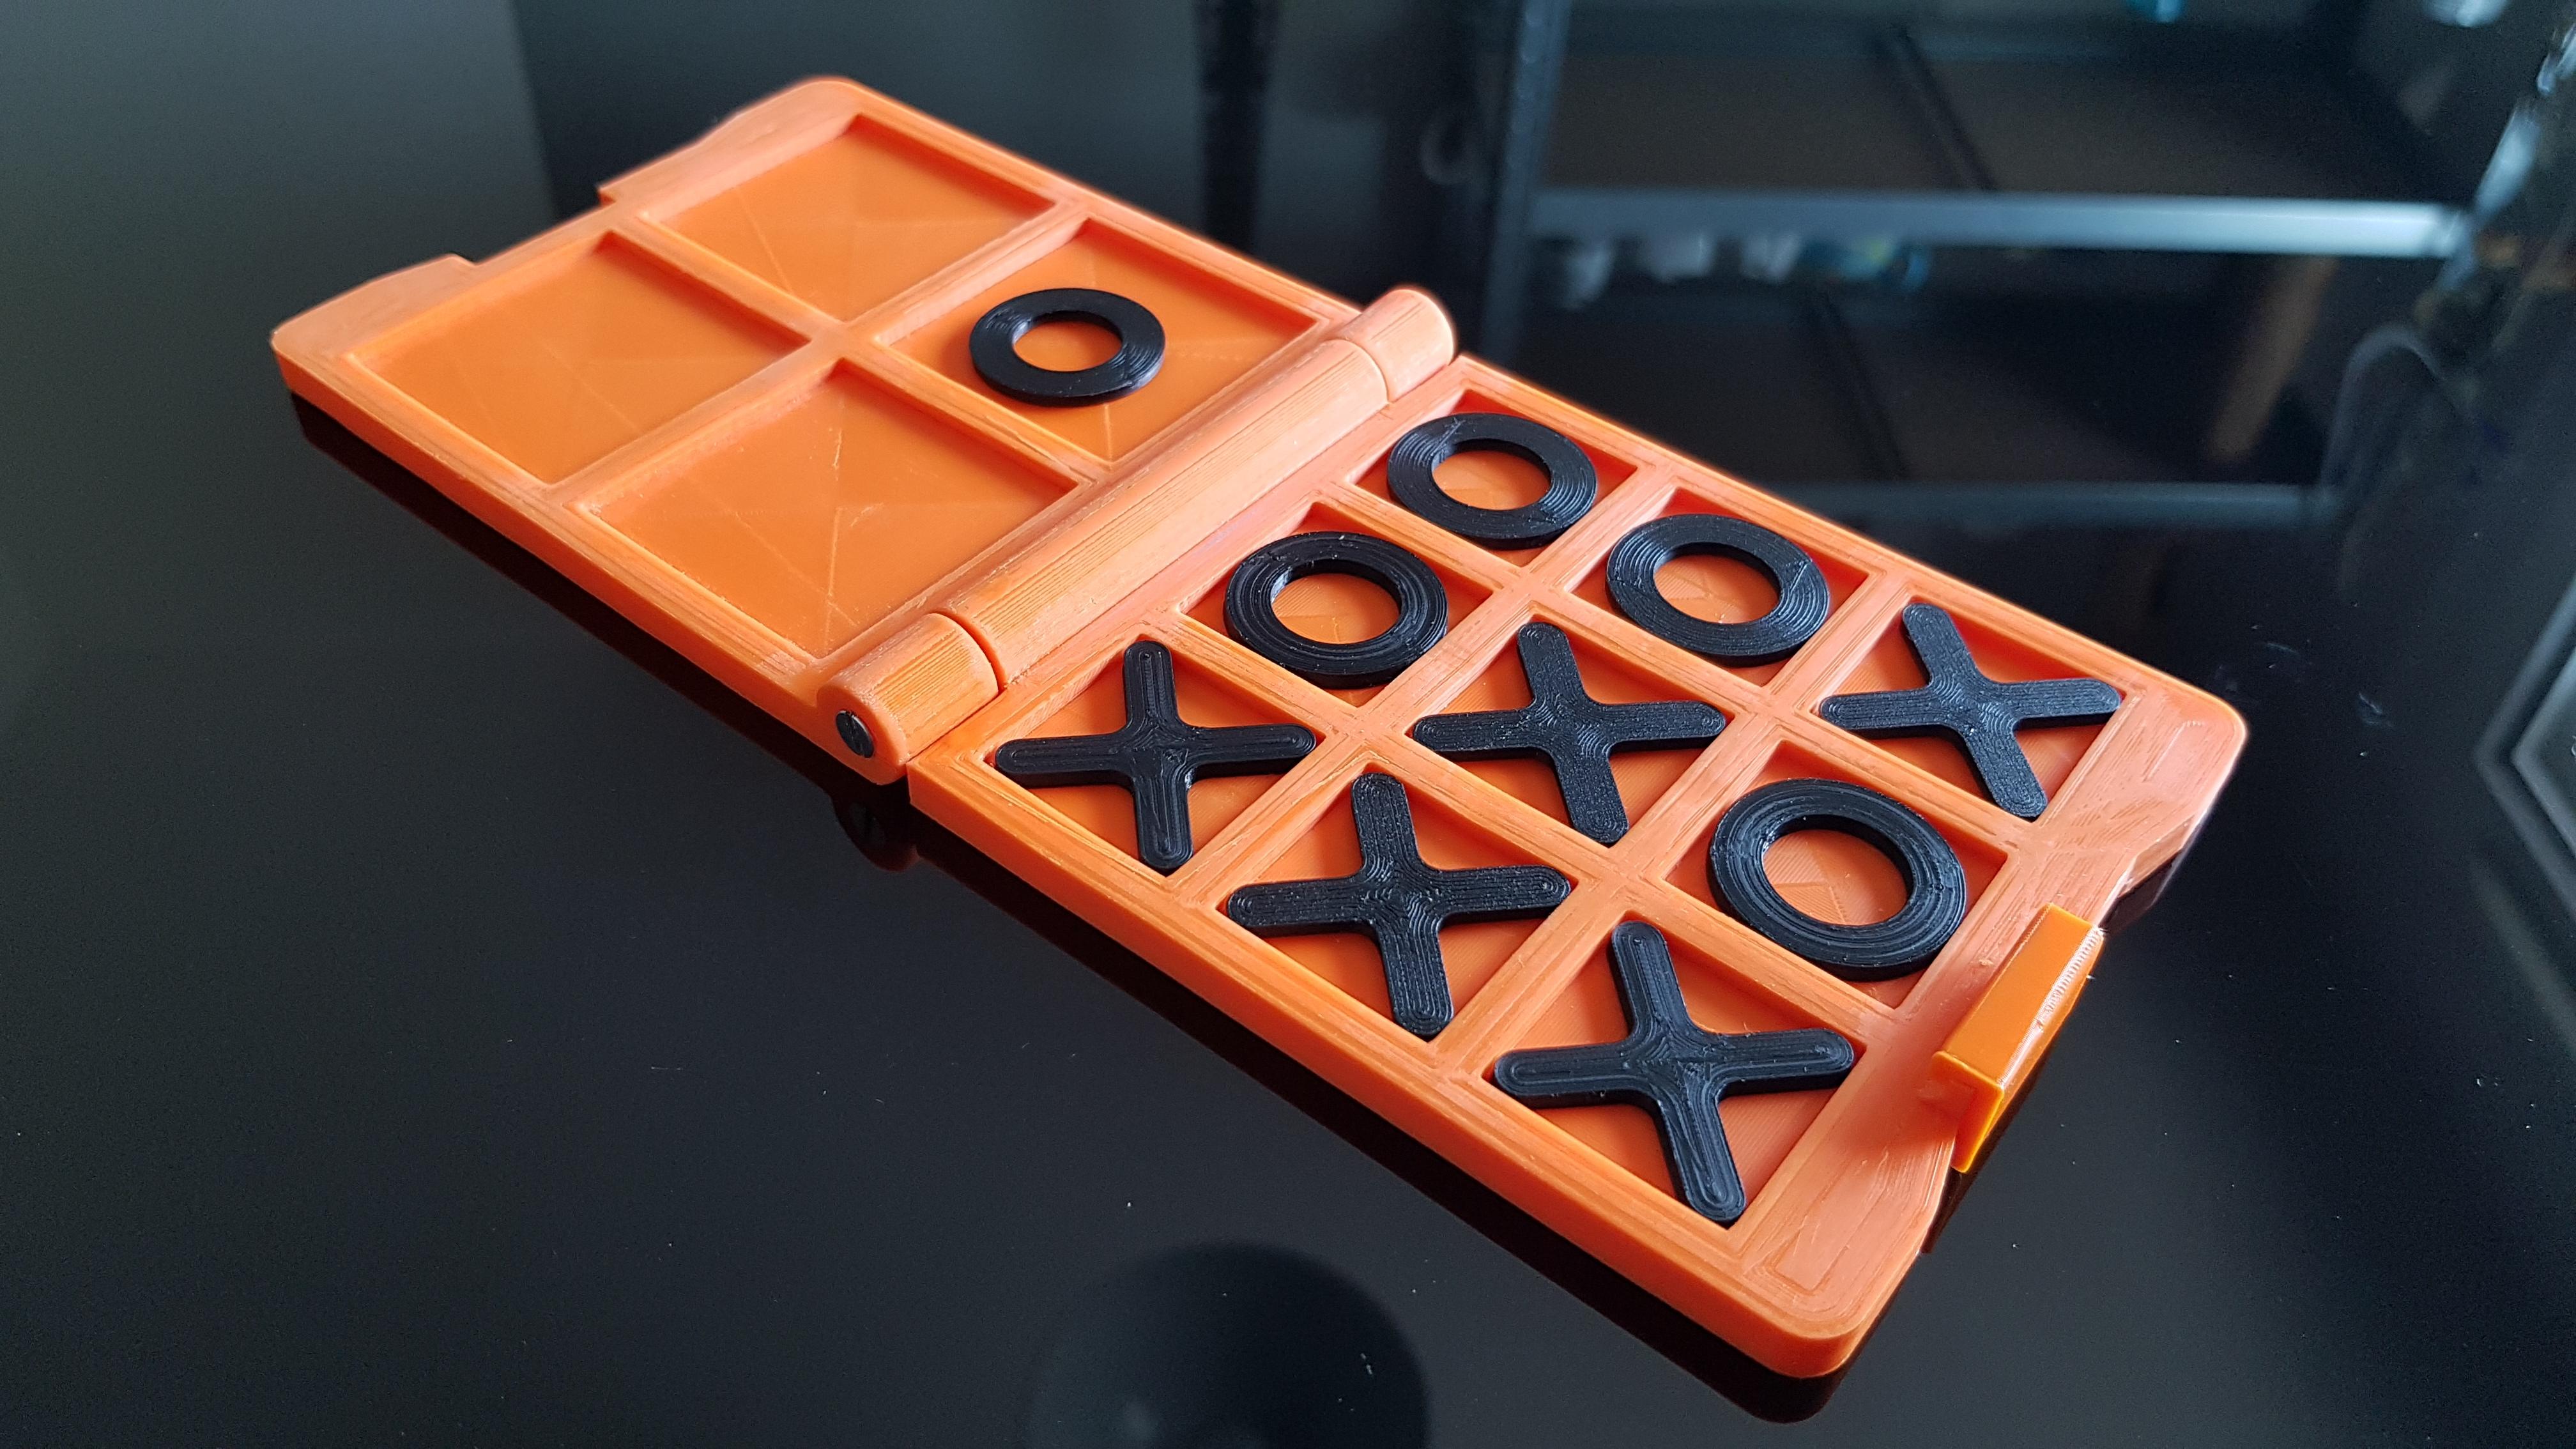 20190908_152856.jpg Download free STL file Tic Tac Toe • 3D printable design, seb2320